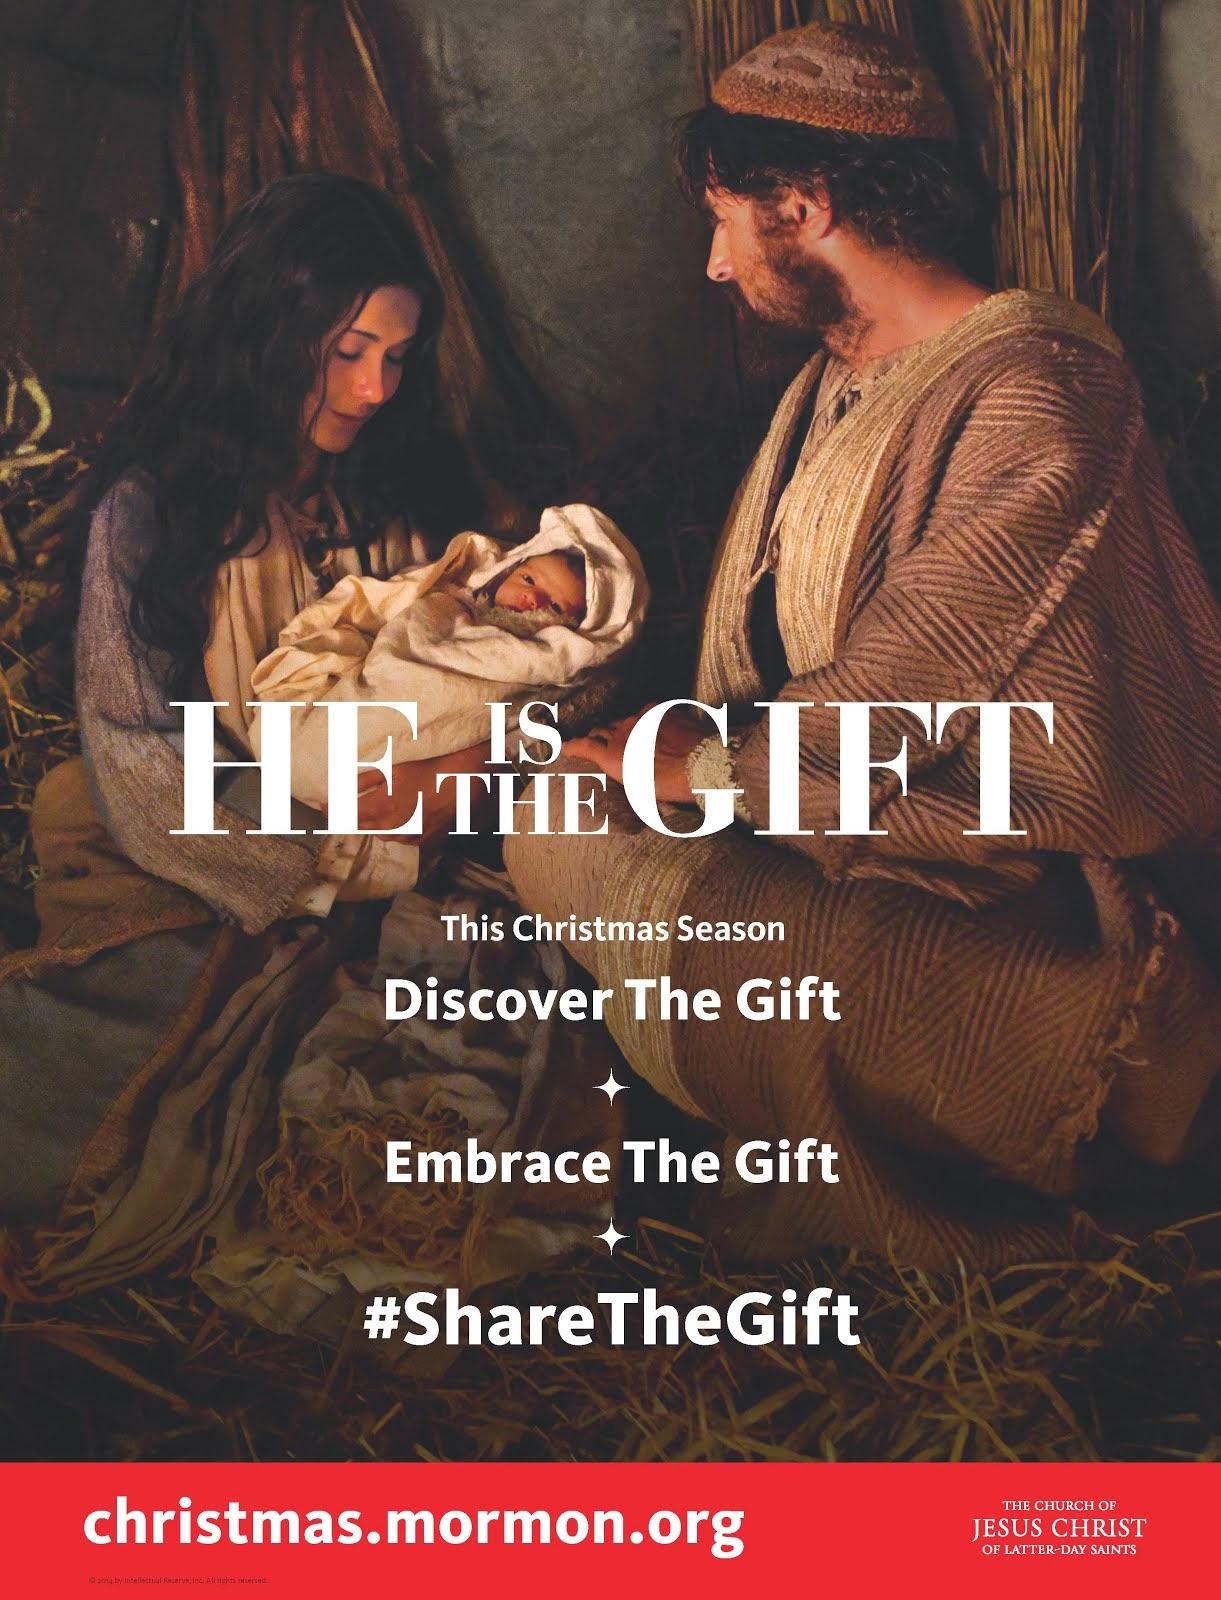 #ShareTheGift